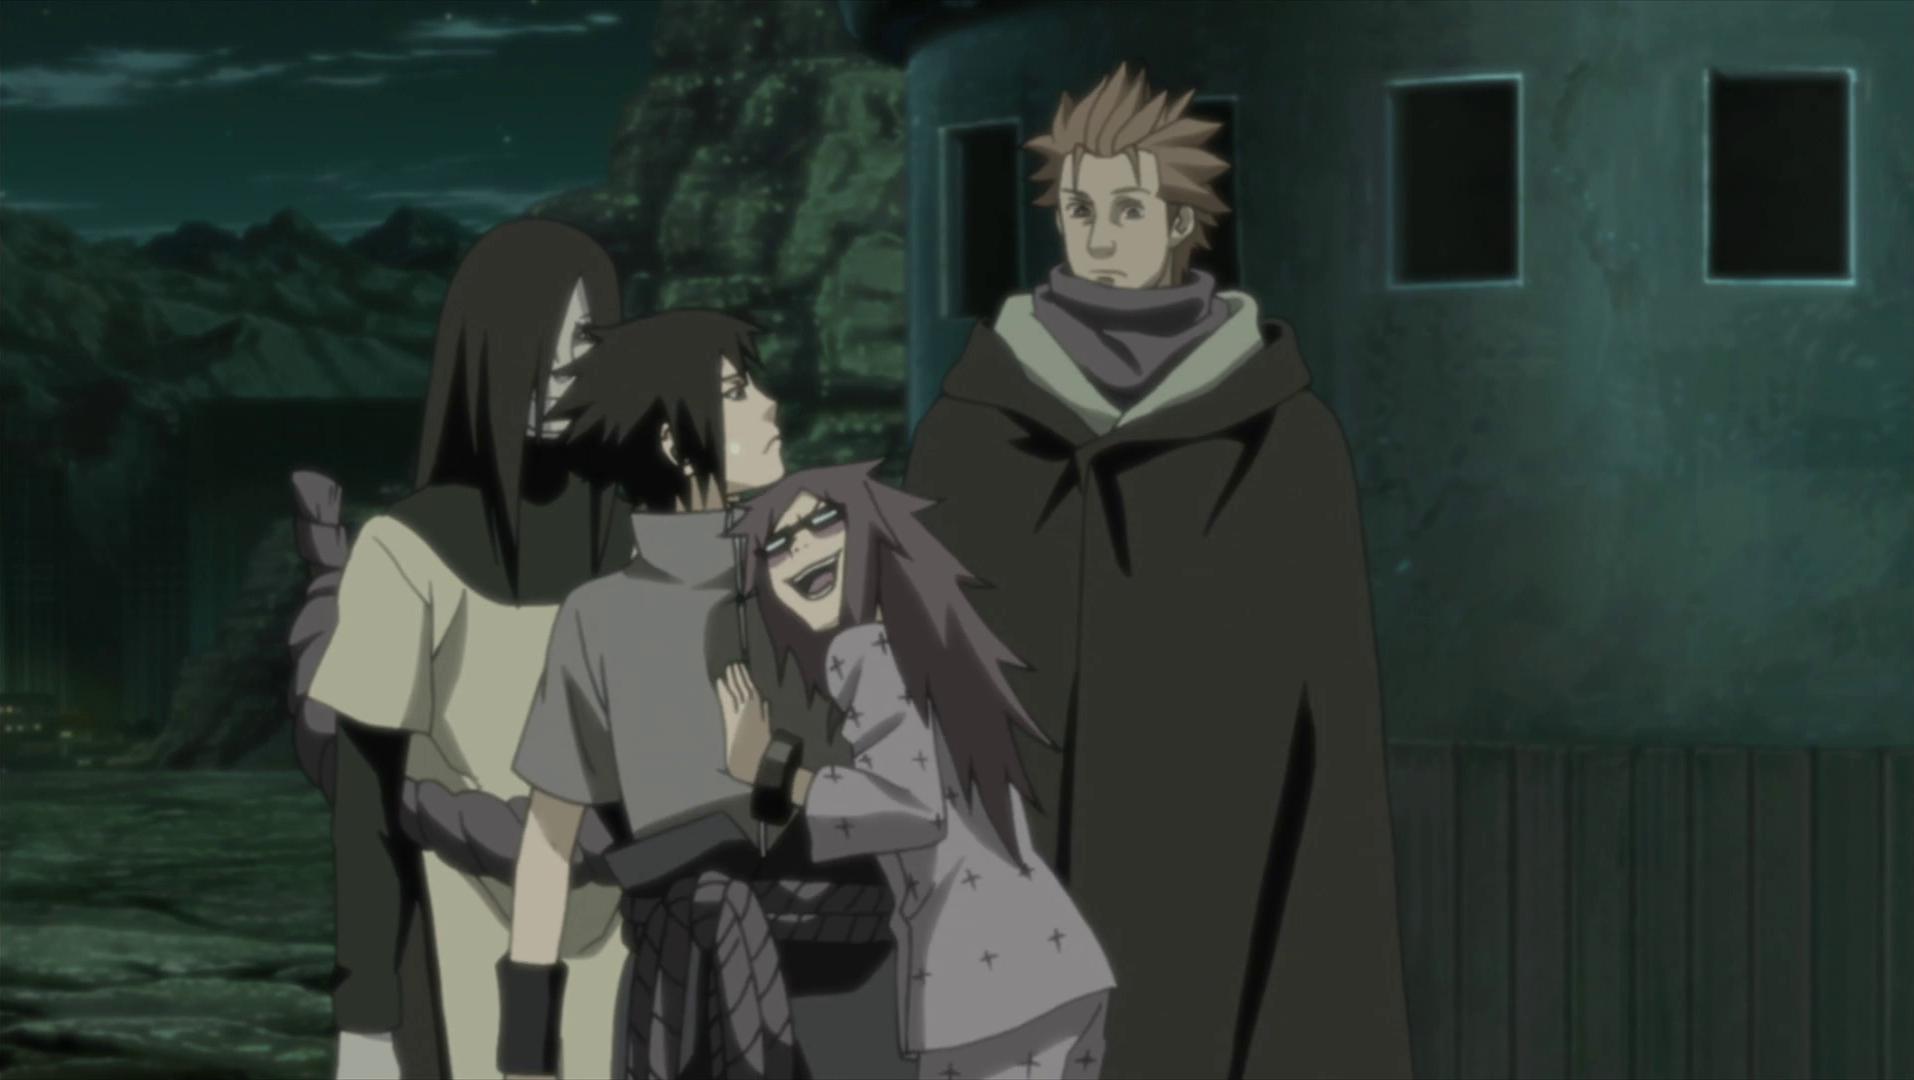 Karin forgives Sasuke